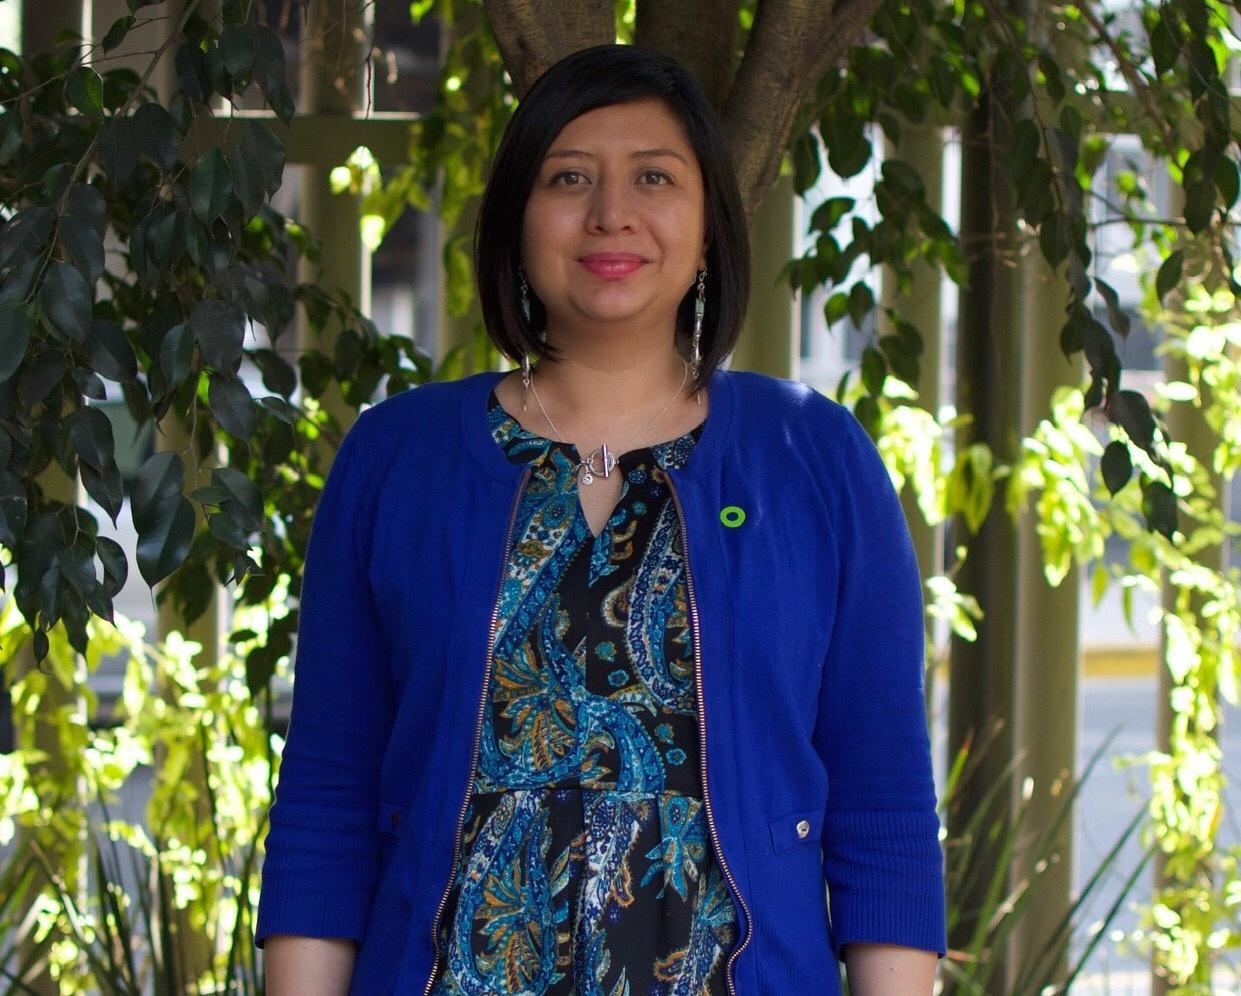 Iztel Morales